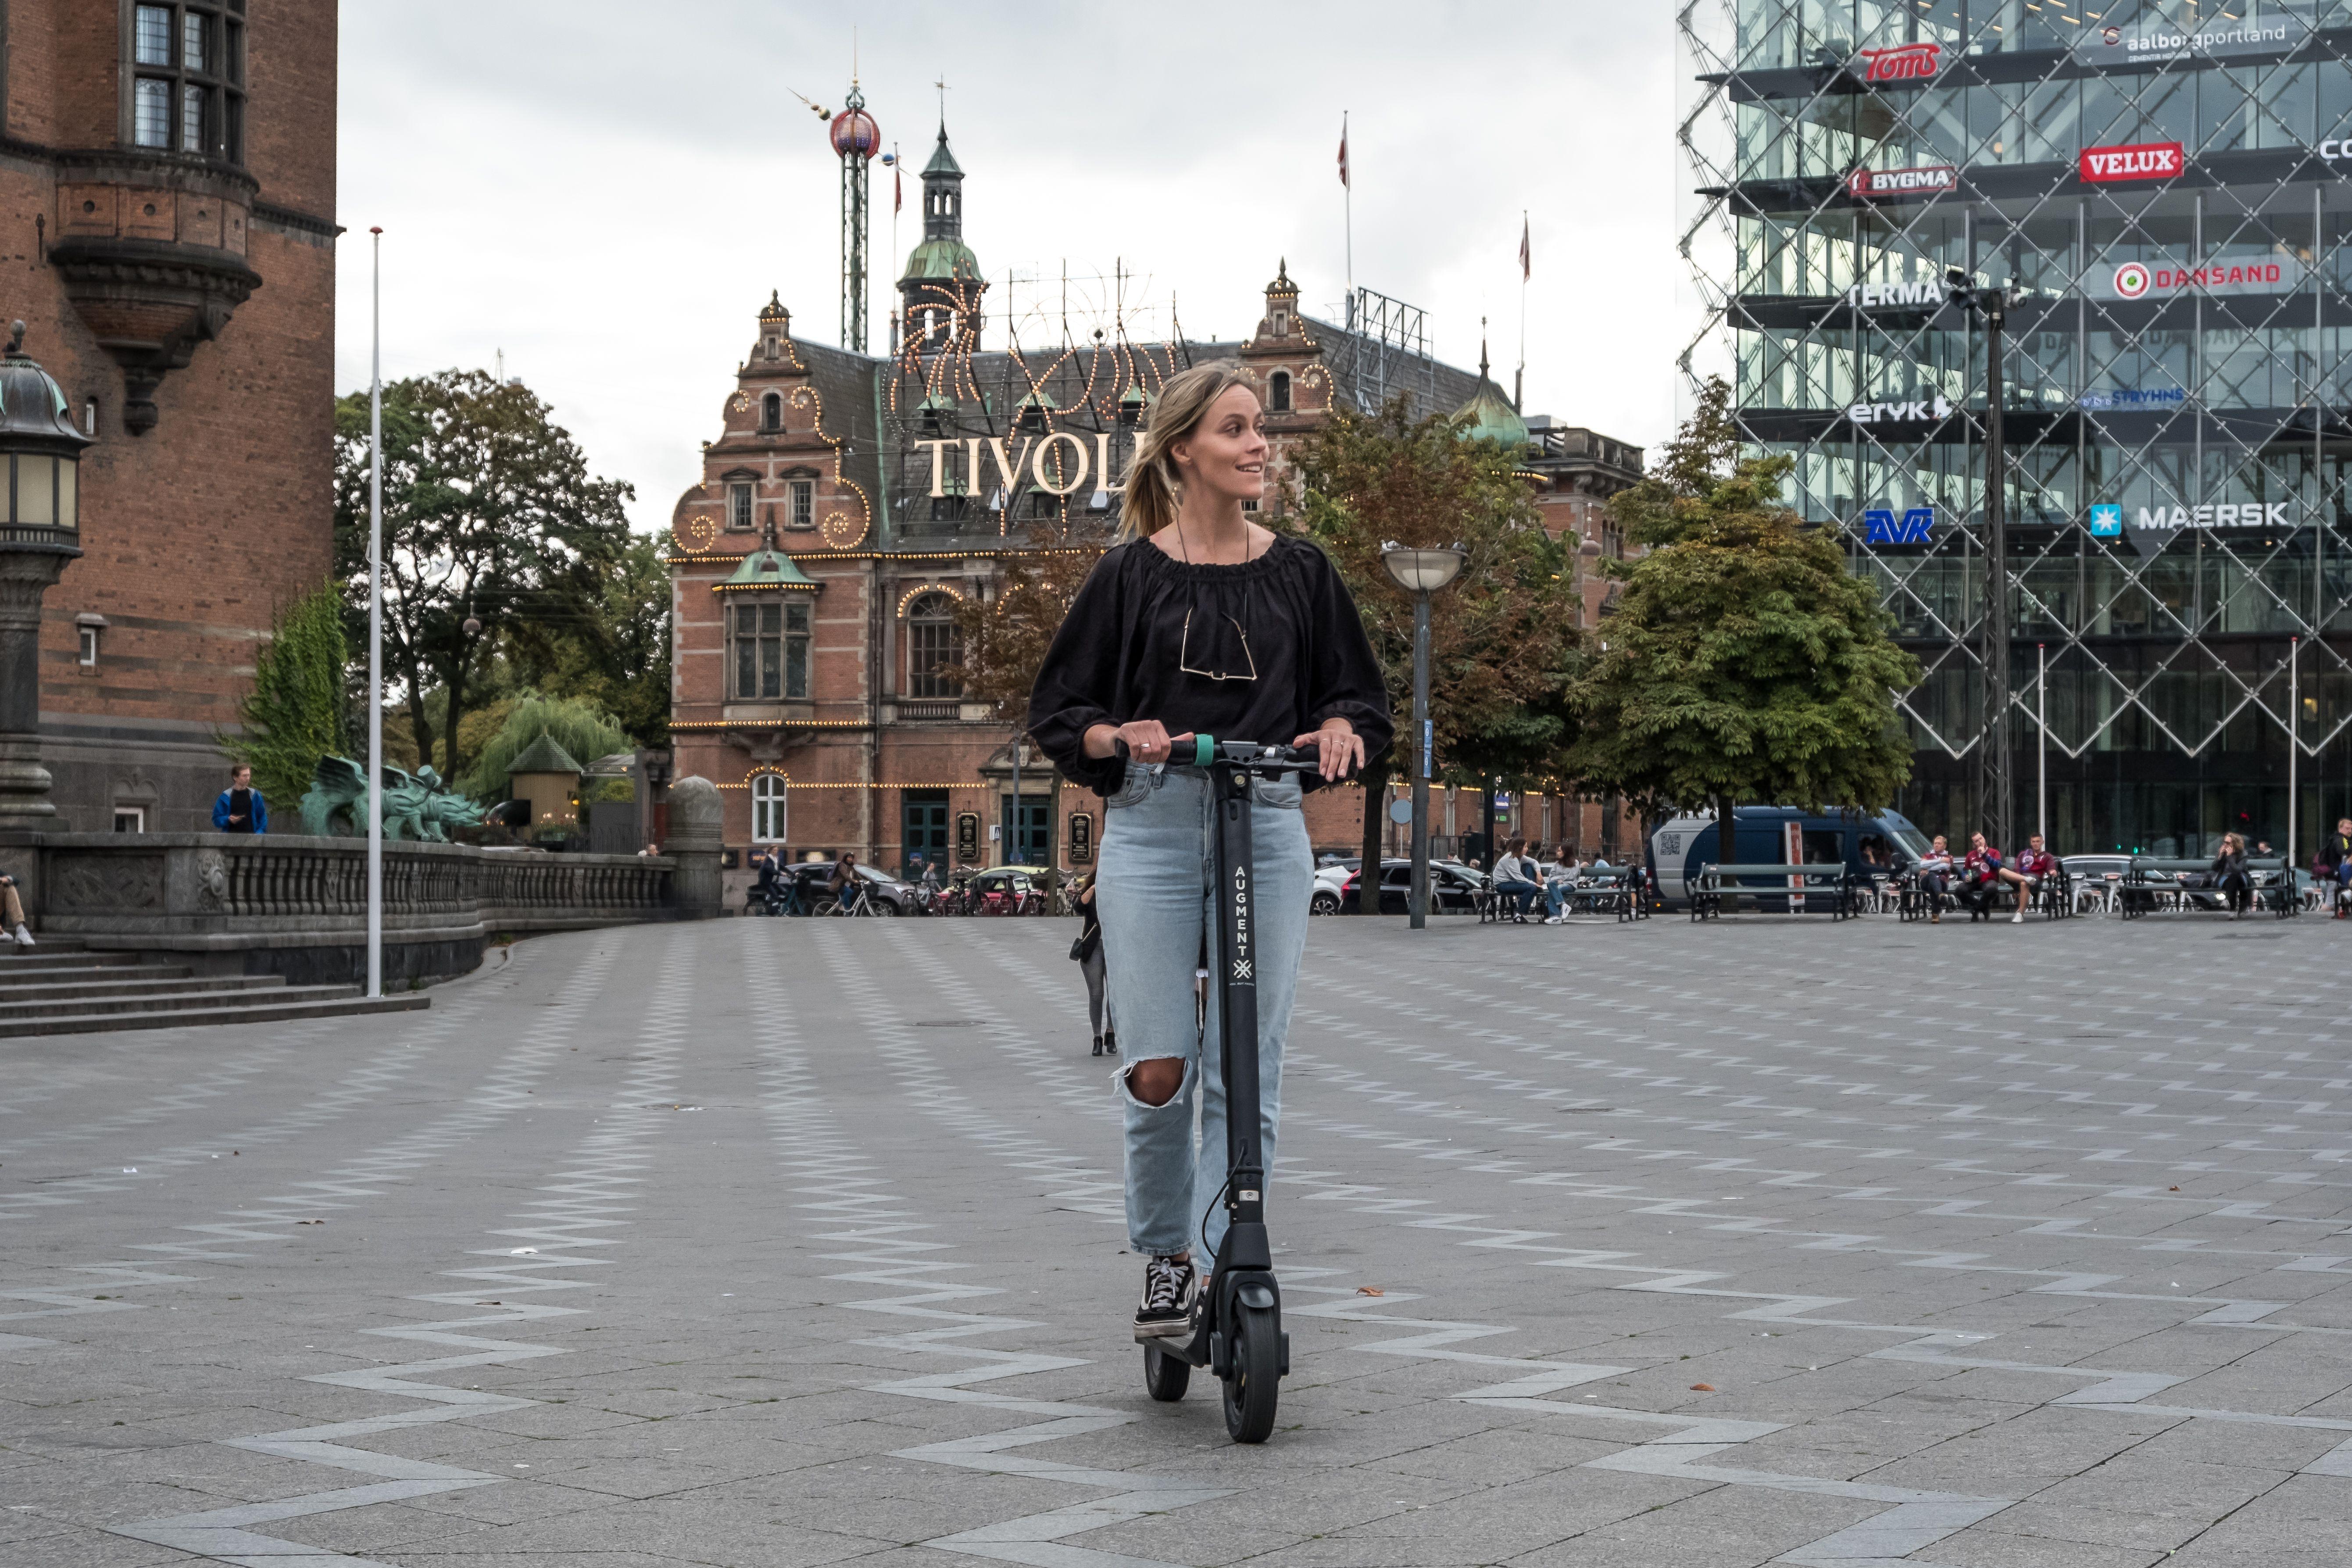 Augment.Eco e-scooter in front of Tivoli in Copenhangen (Kopenhamn)